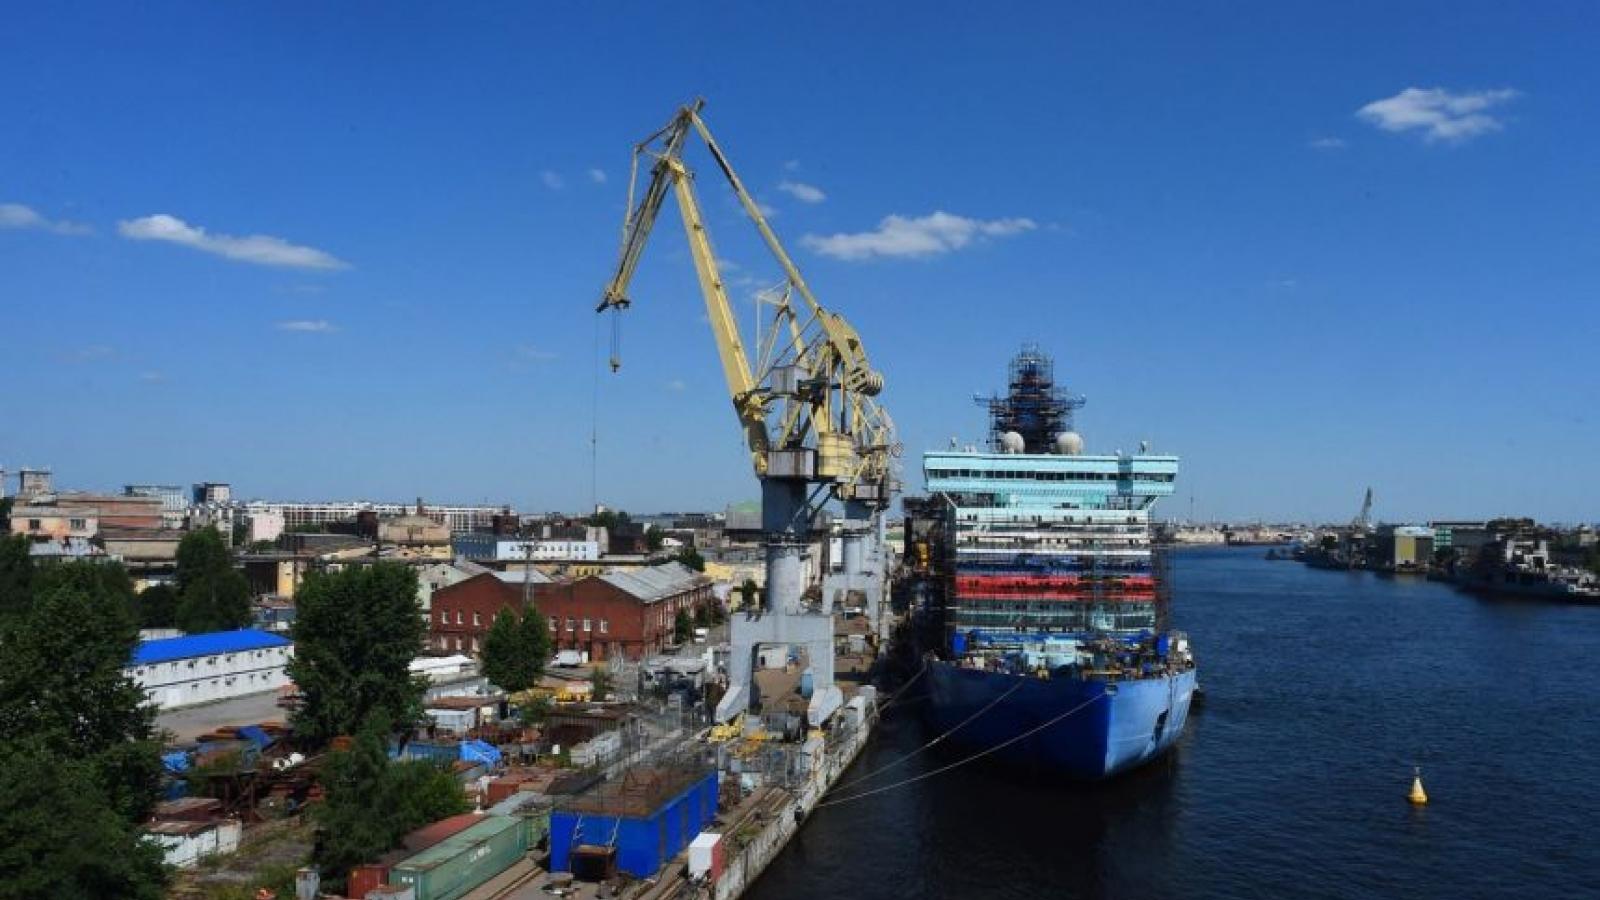 Nga đóng tàu phá băng chạy bằng khí đốt hóa lỏng đầu tiên